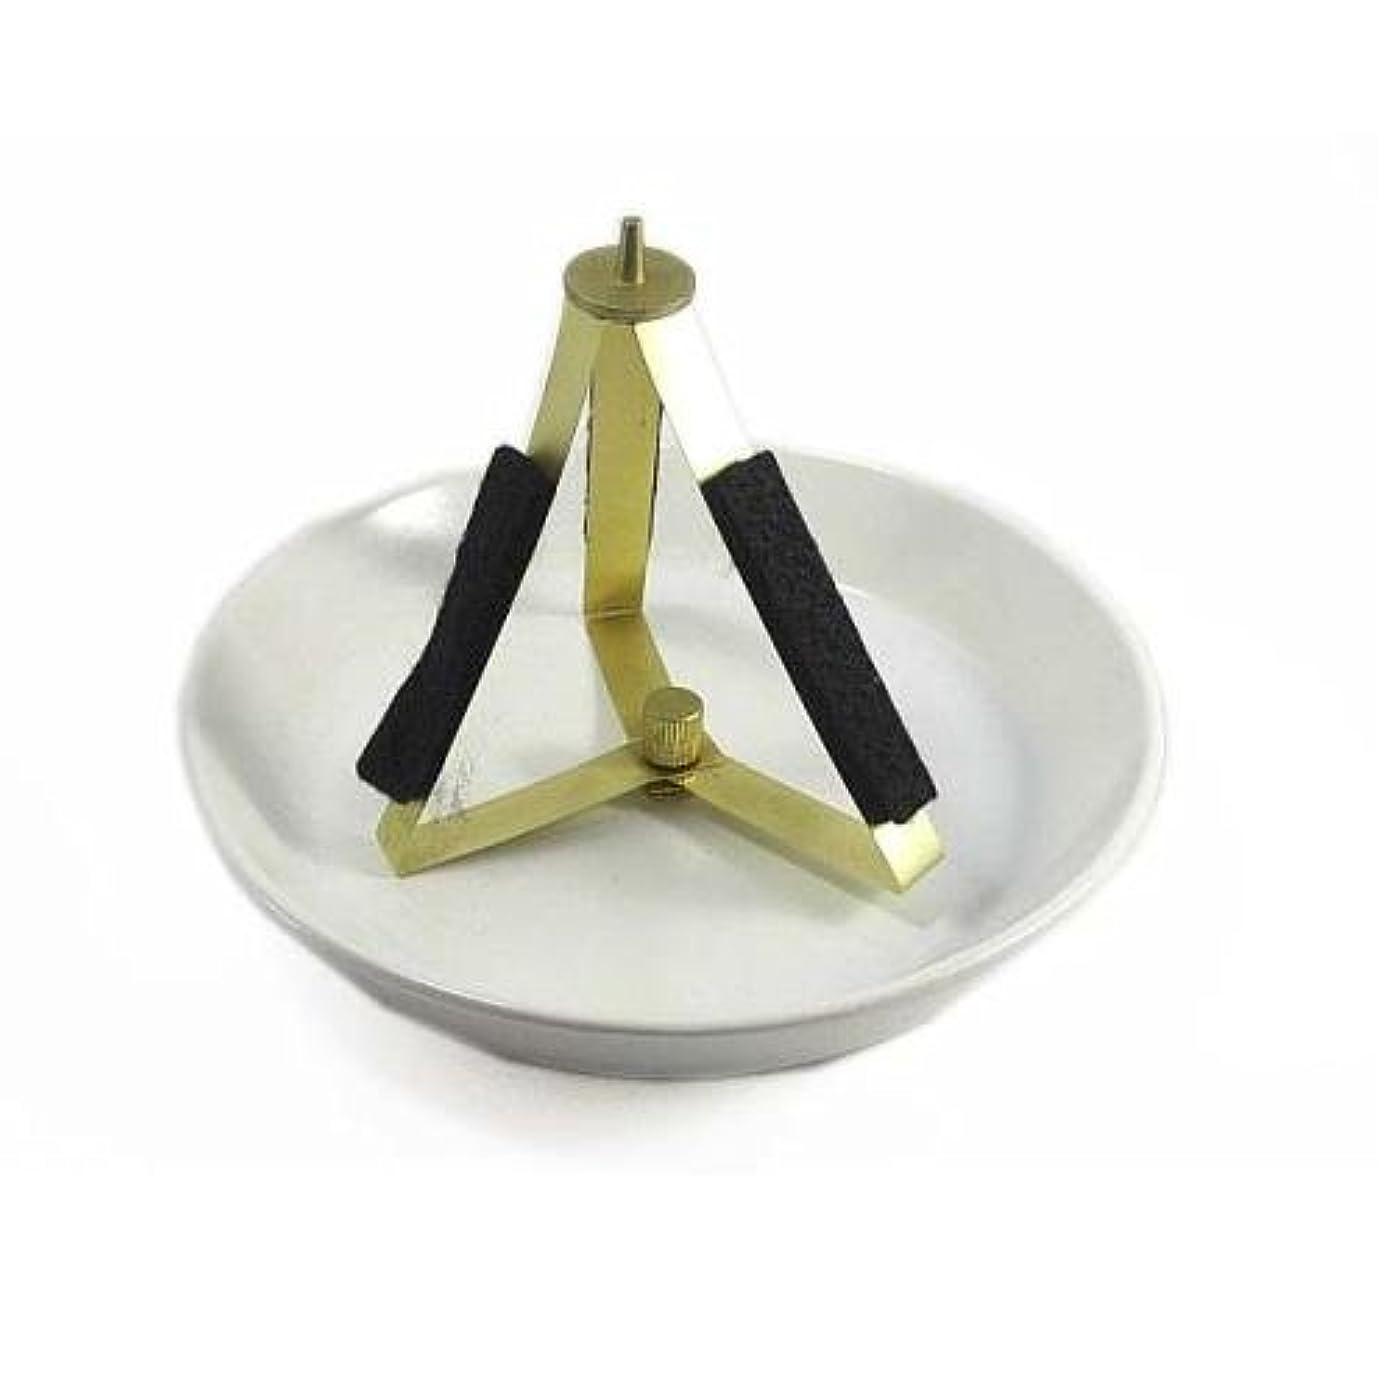 どういたしましてより平らな上流のうずまき用陶製置き台 法喜